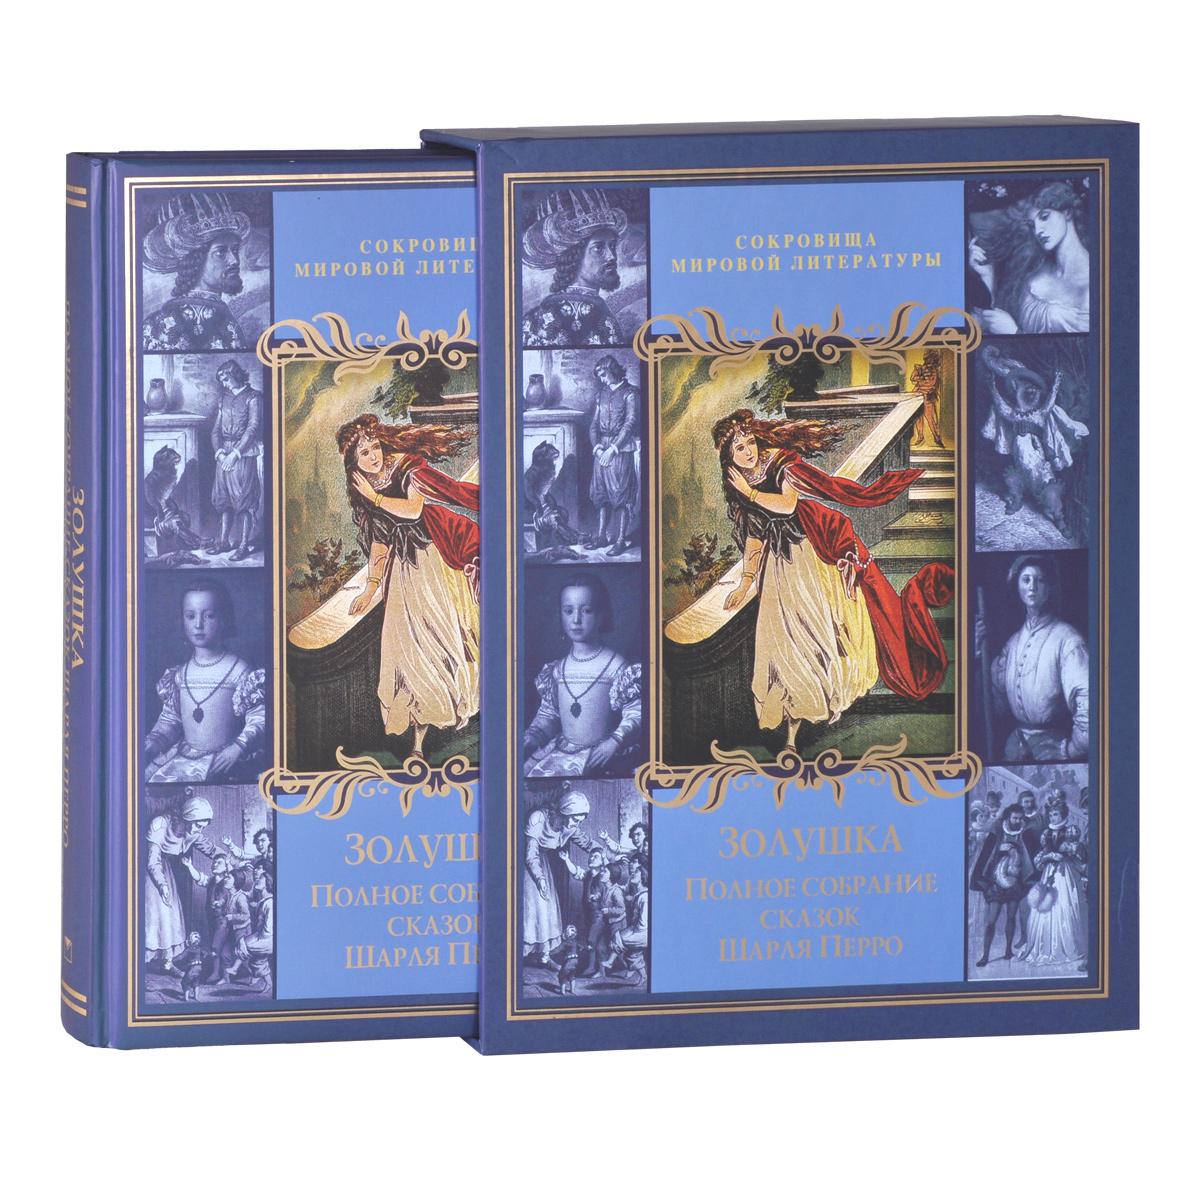 Книга Золушка. Полное собрание сказок Шарля Перро. Шарль Перро